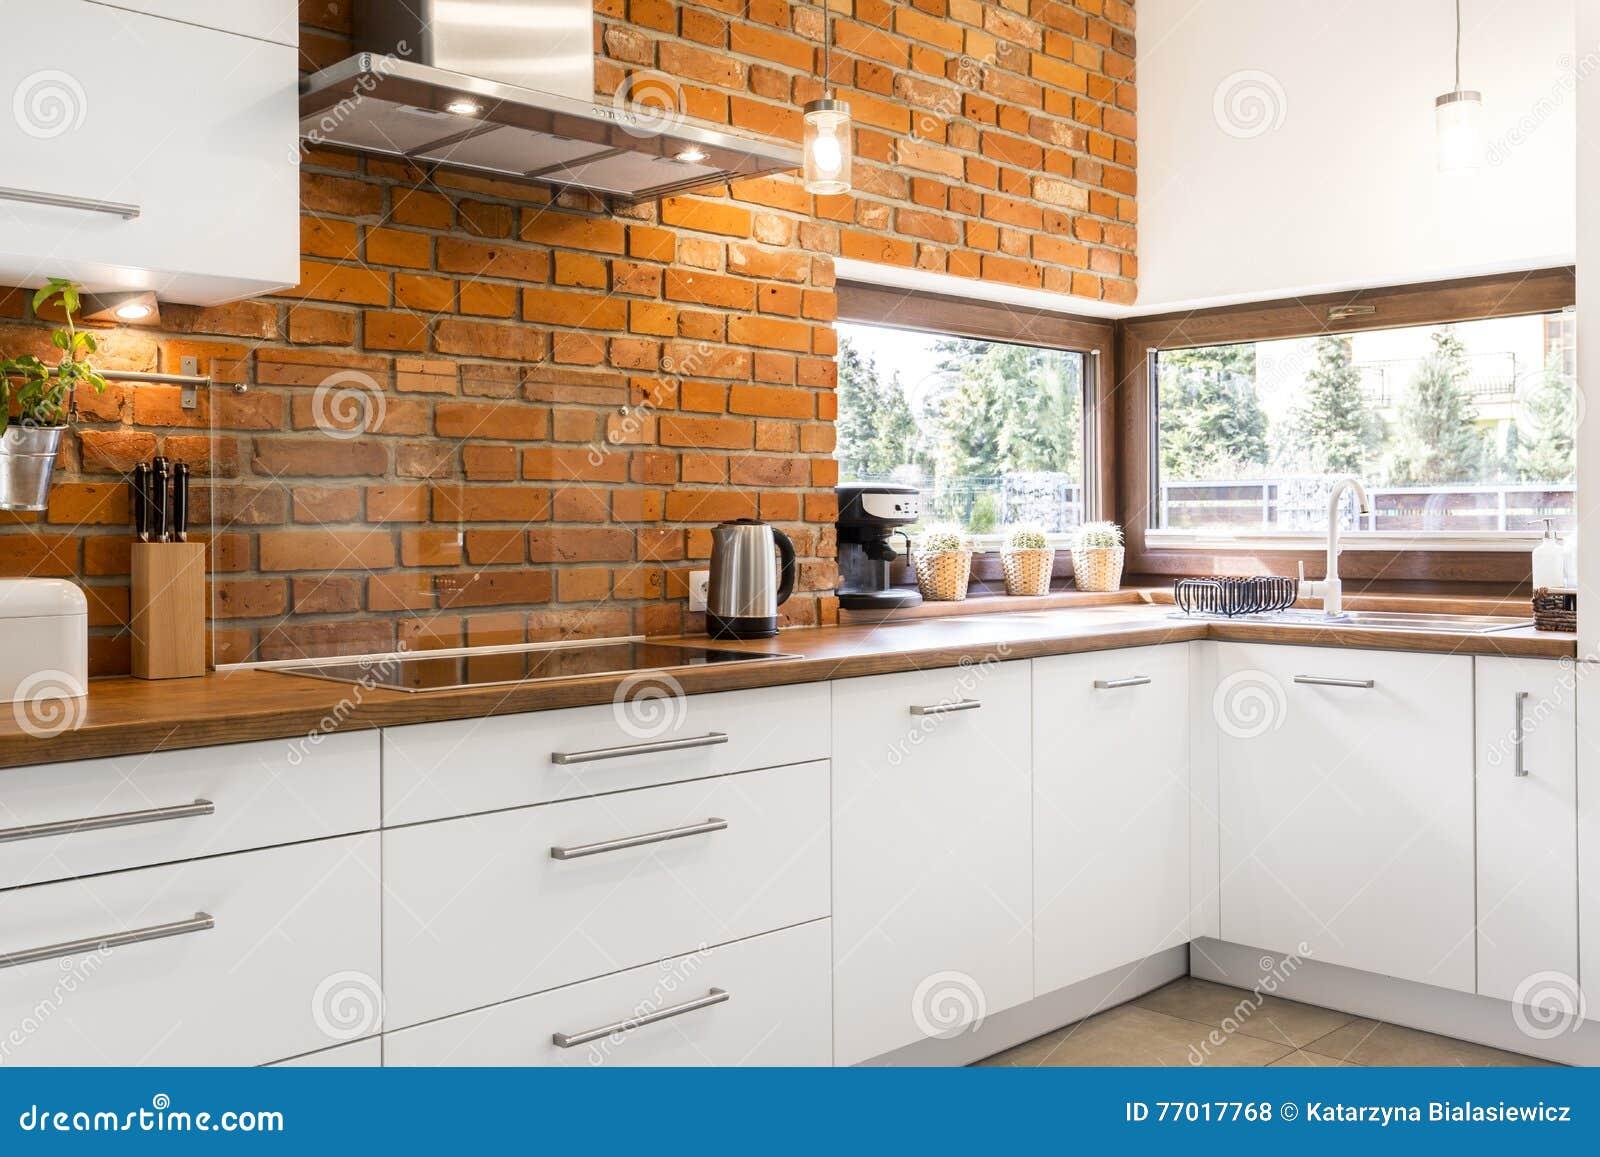 Mattoni Per Pareti Cucina.Cucina Con Il Muro Di Mattoni Fotografia Stock Immagine Di